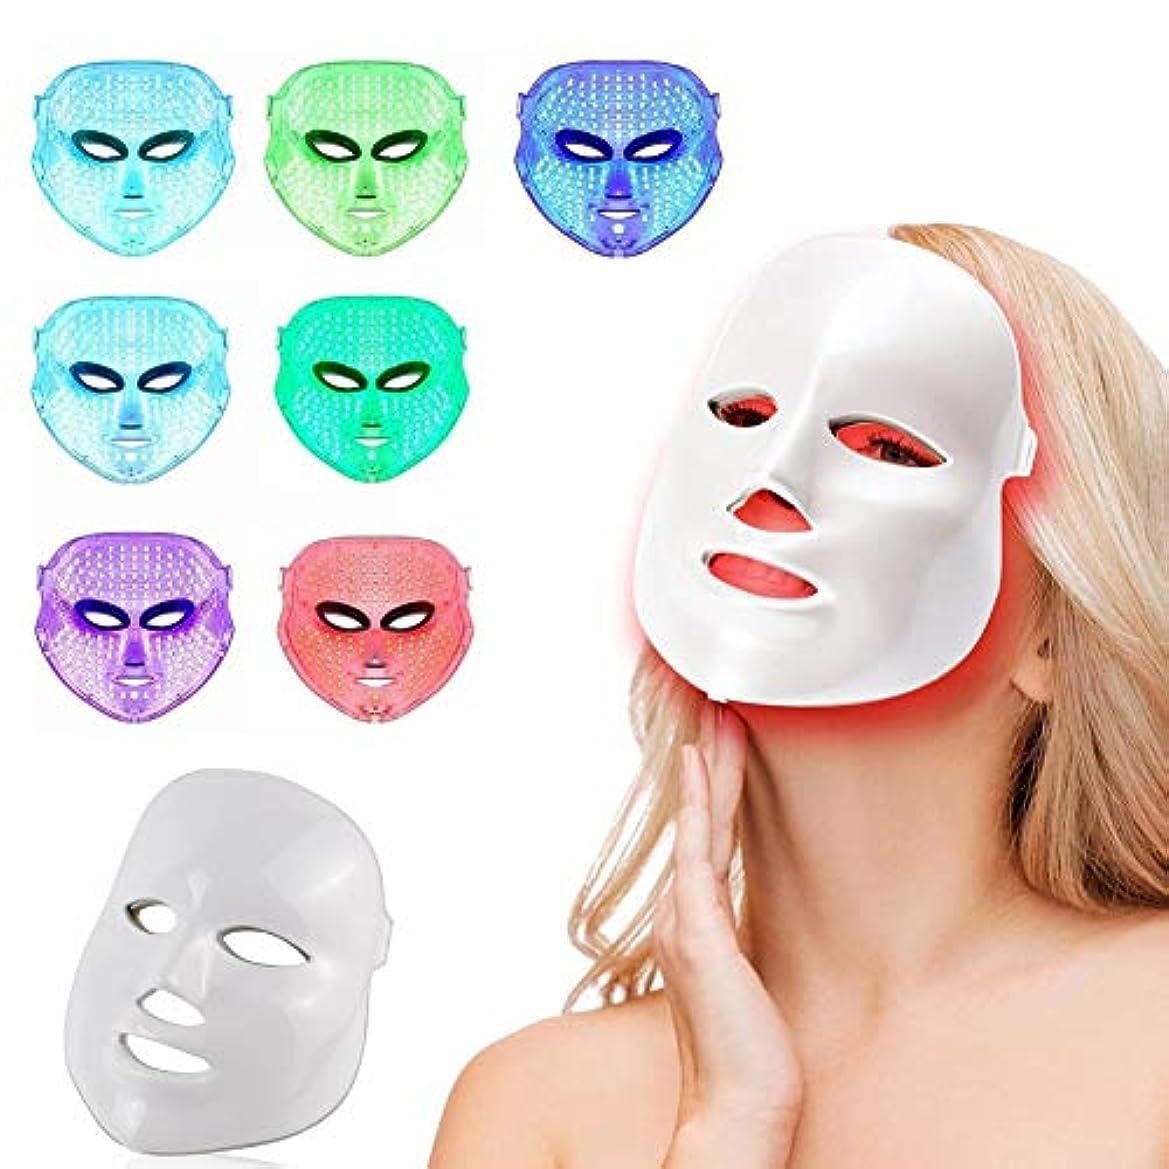 教えロースト十分な7色LEDフェイスマスク、健康な肌の若返りのための光子光療法、フェイシャルスキンケア、アンチエイジングビューティー